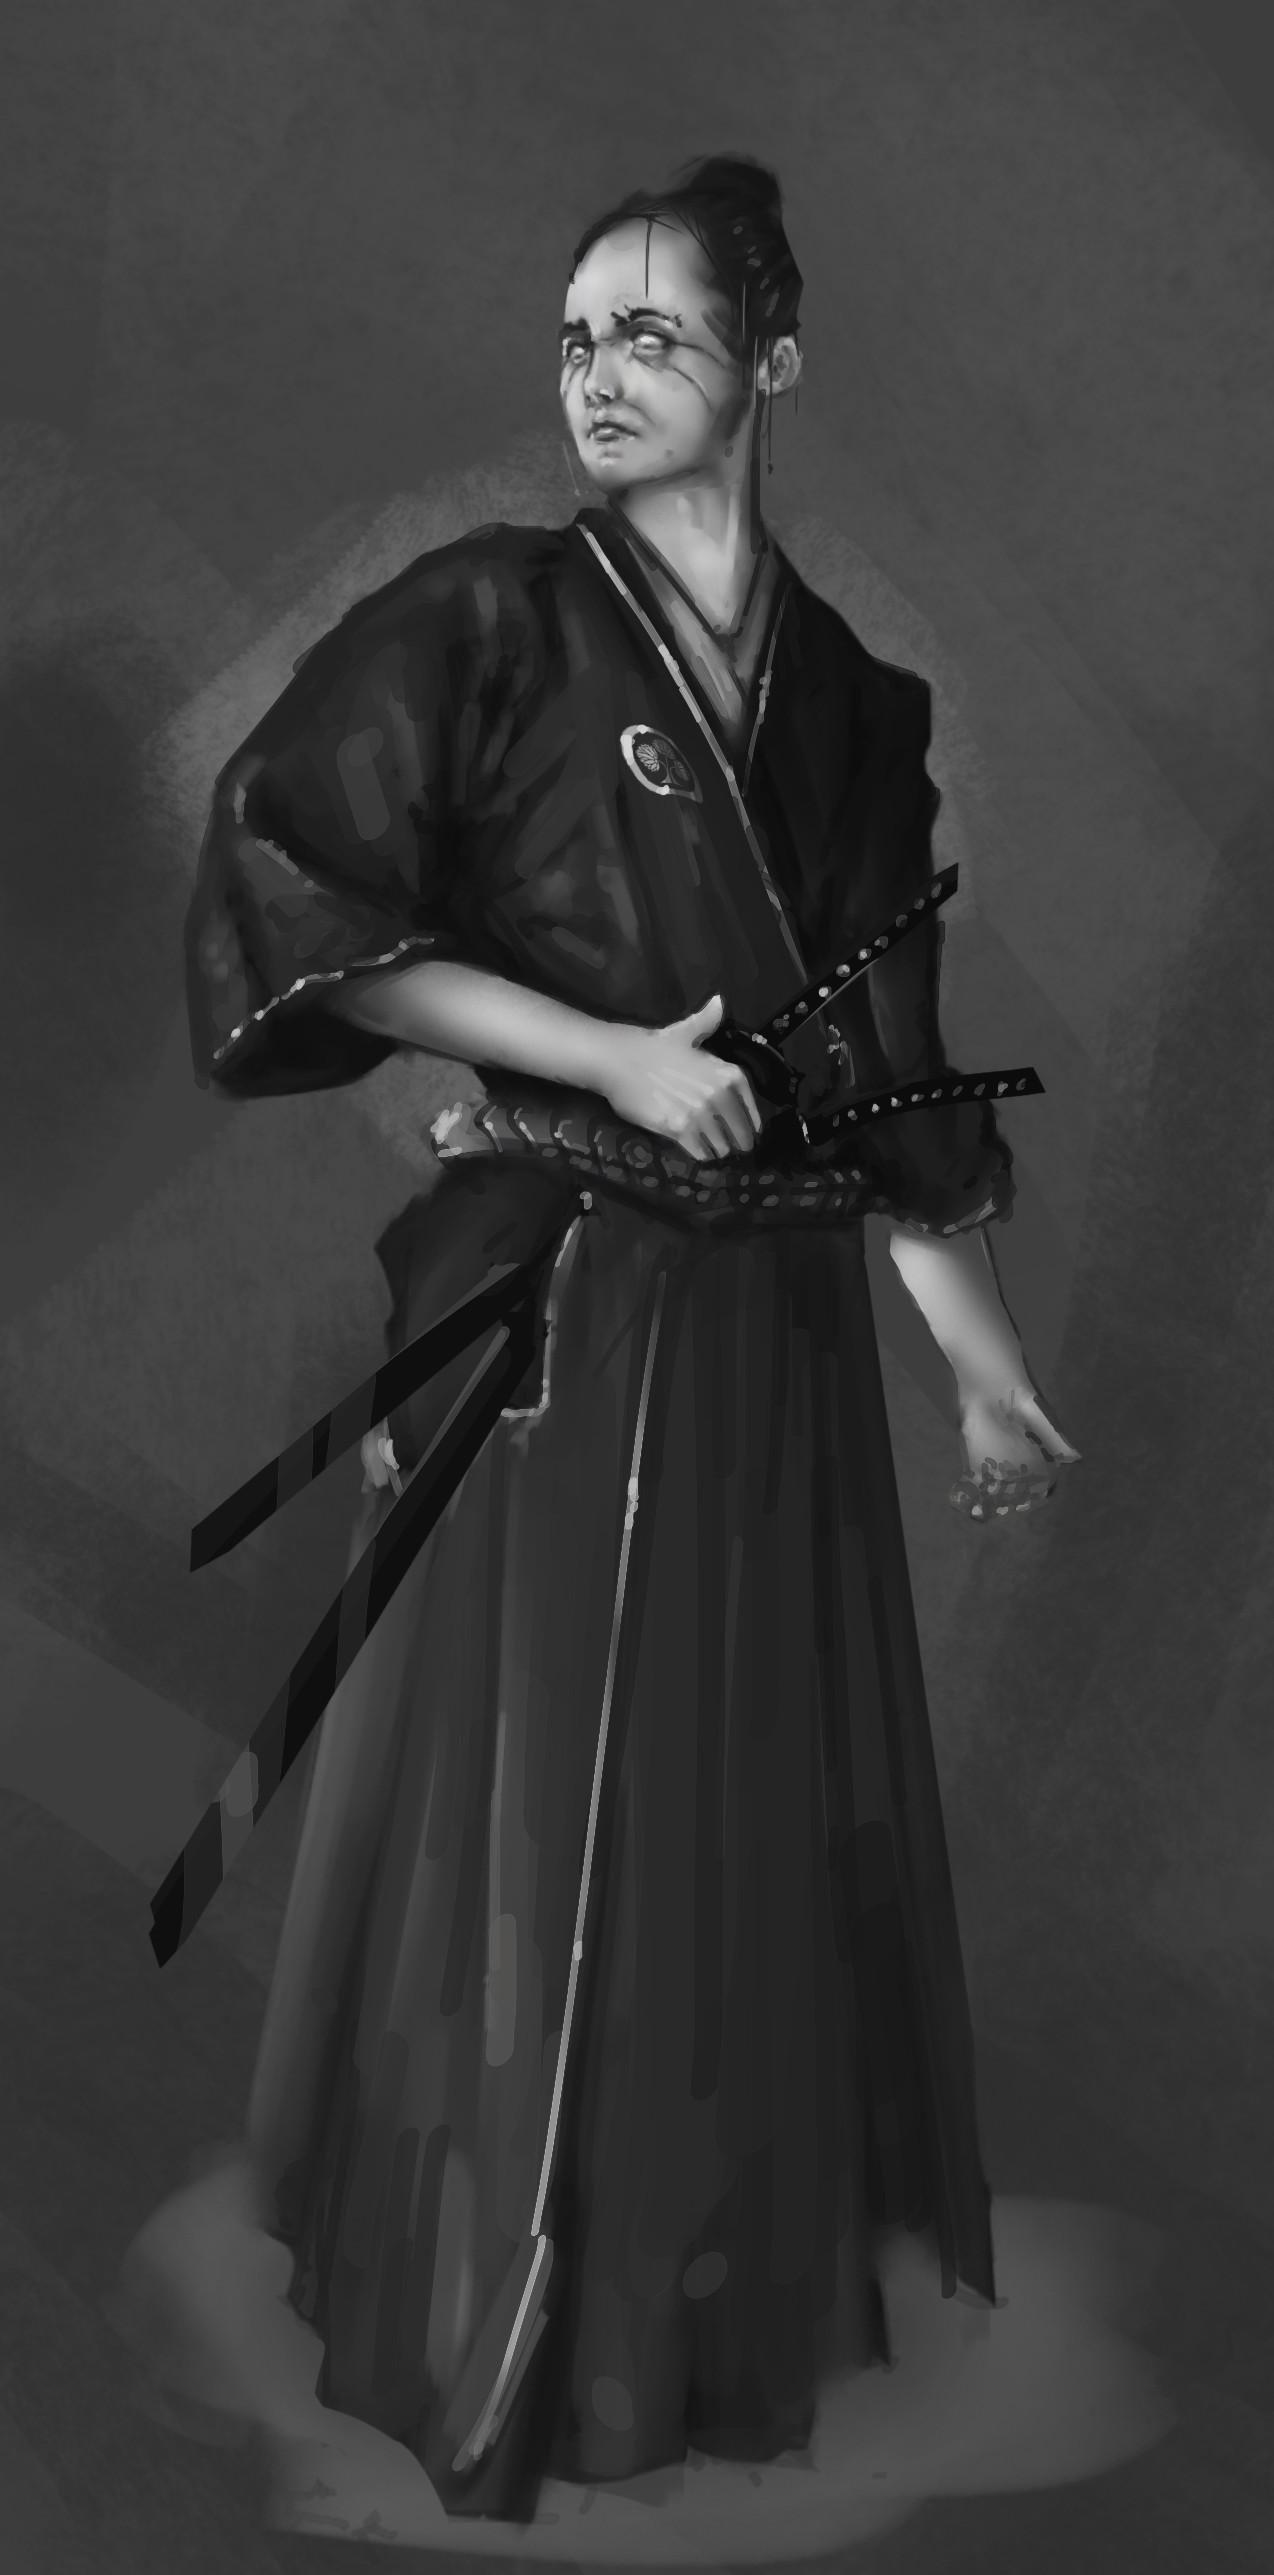 Boyan kazalov samuraiconceptdetailedlarge1